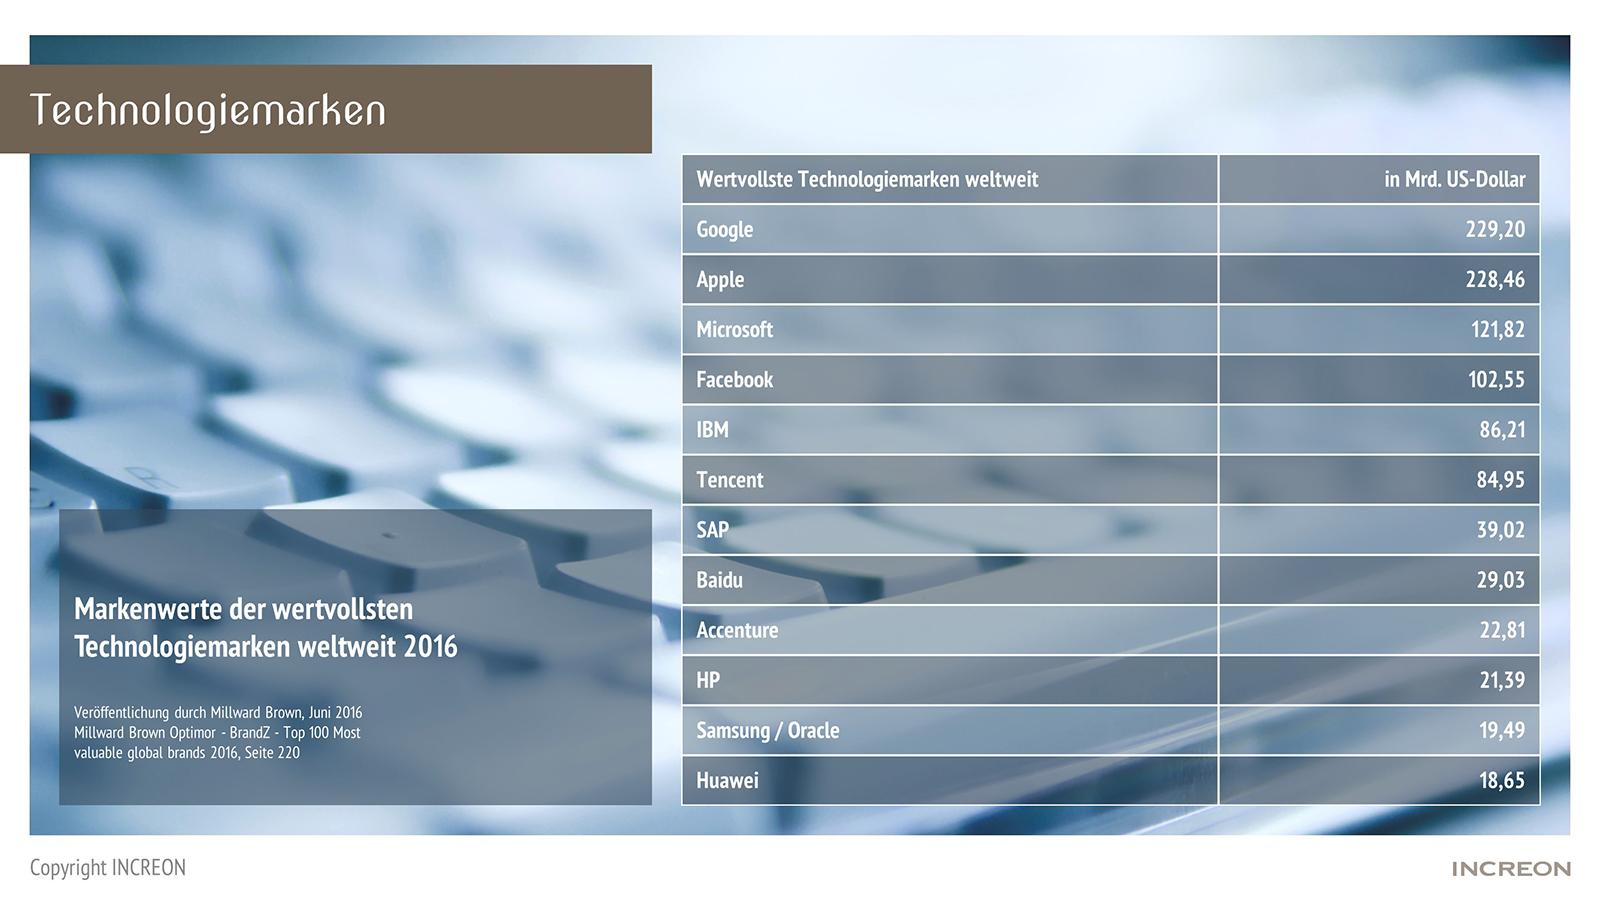 Tabelle mit den Top 12 der weltweit führenden Technologiemarken nach ihrem Markenwert in US-Dollar (Google, Apple, Microsoft, Facebook, IBM, Tencent, SAP, Baidu, Accenture, HP, Samsung, Oracle, Huawei)